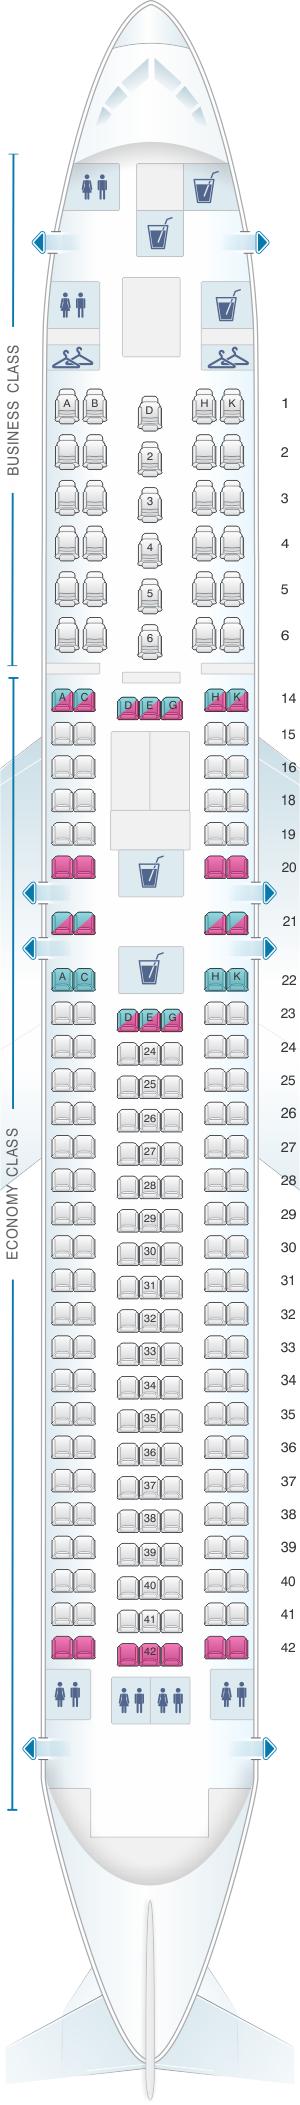 Seat map for LATAM Airlines Brasil Boeing B767 300ER V1